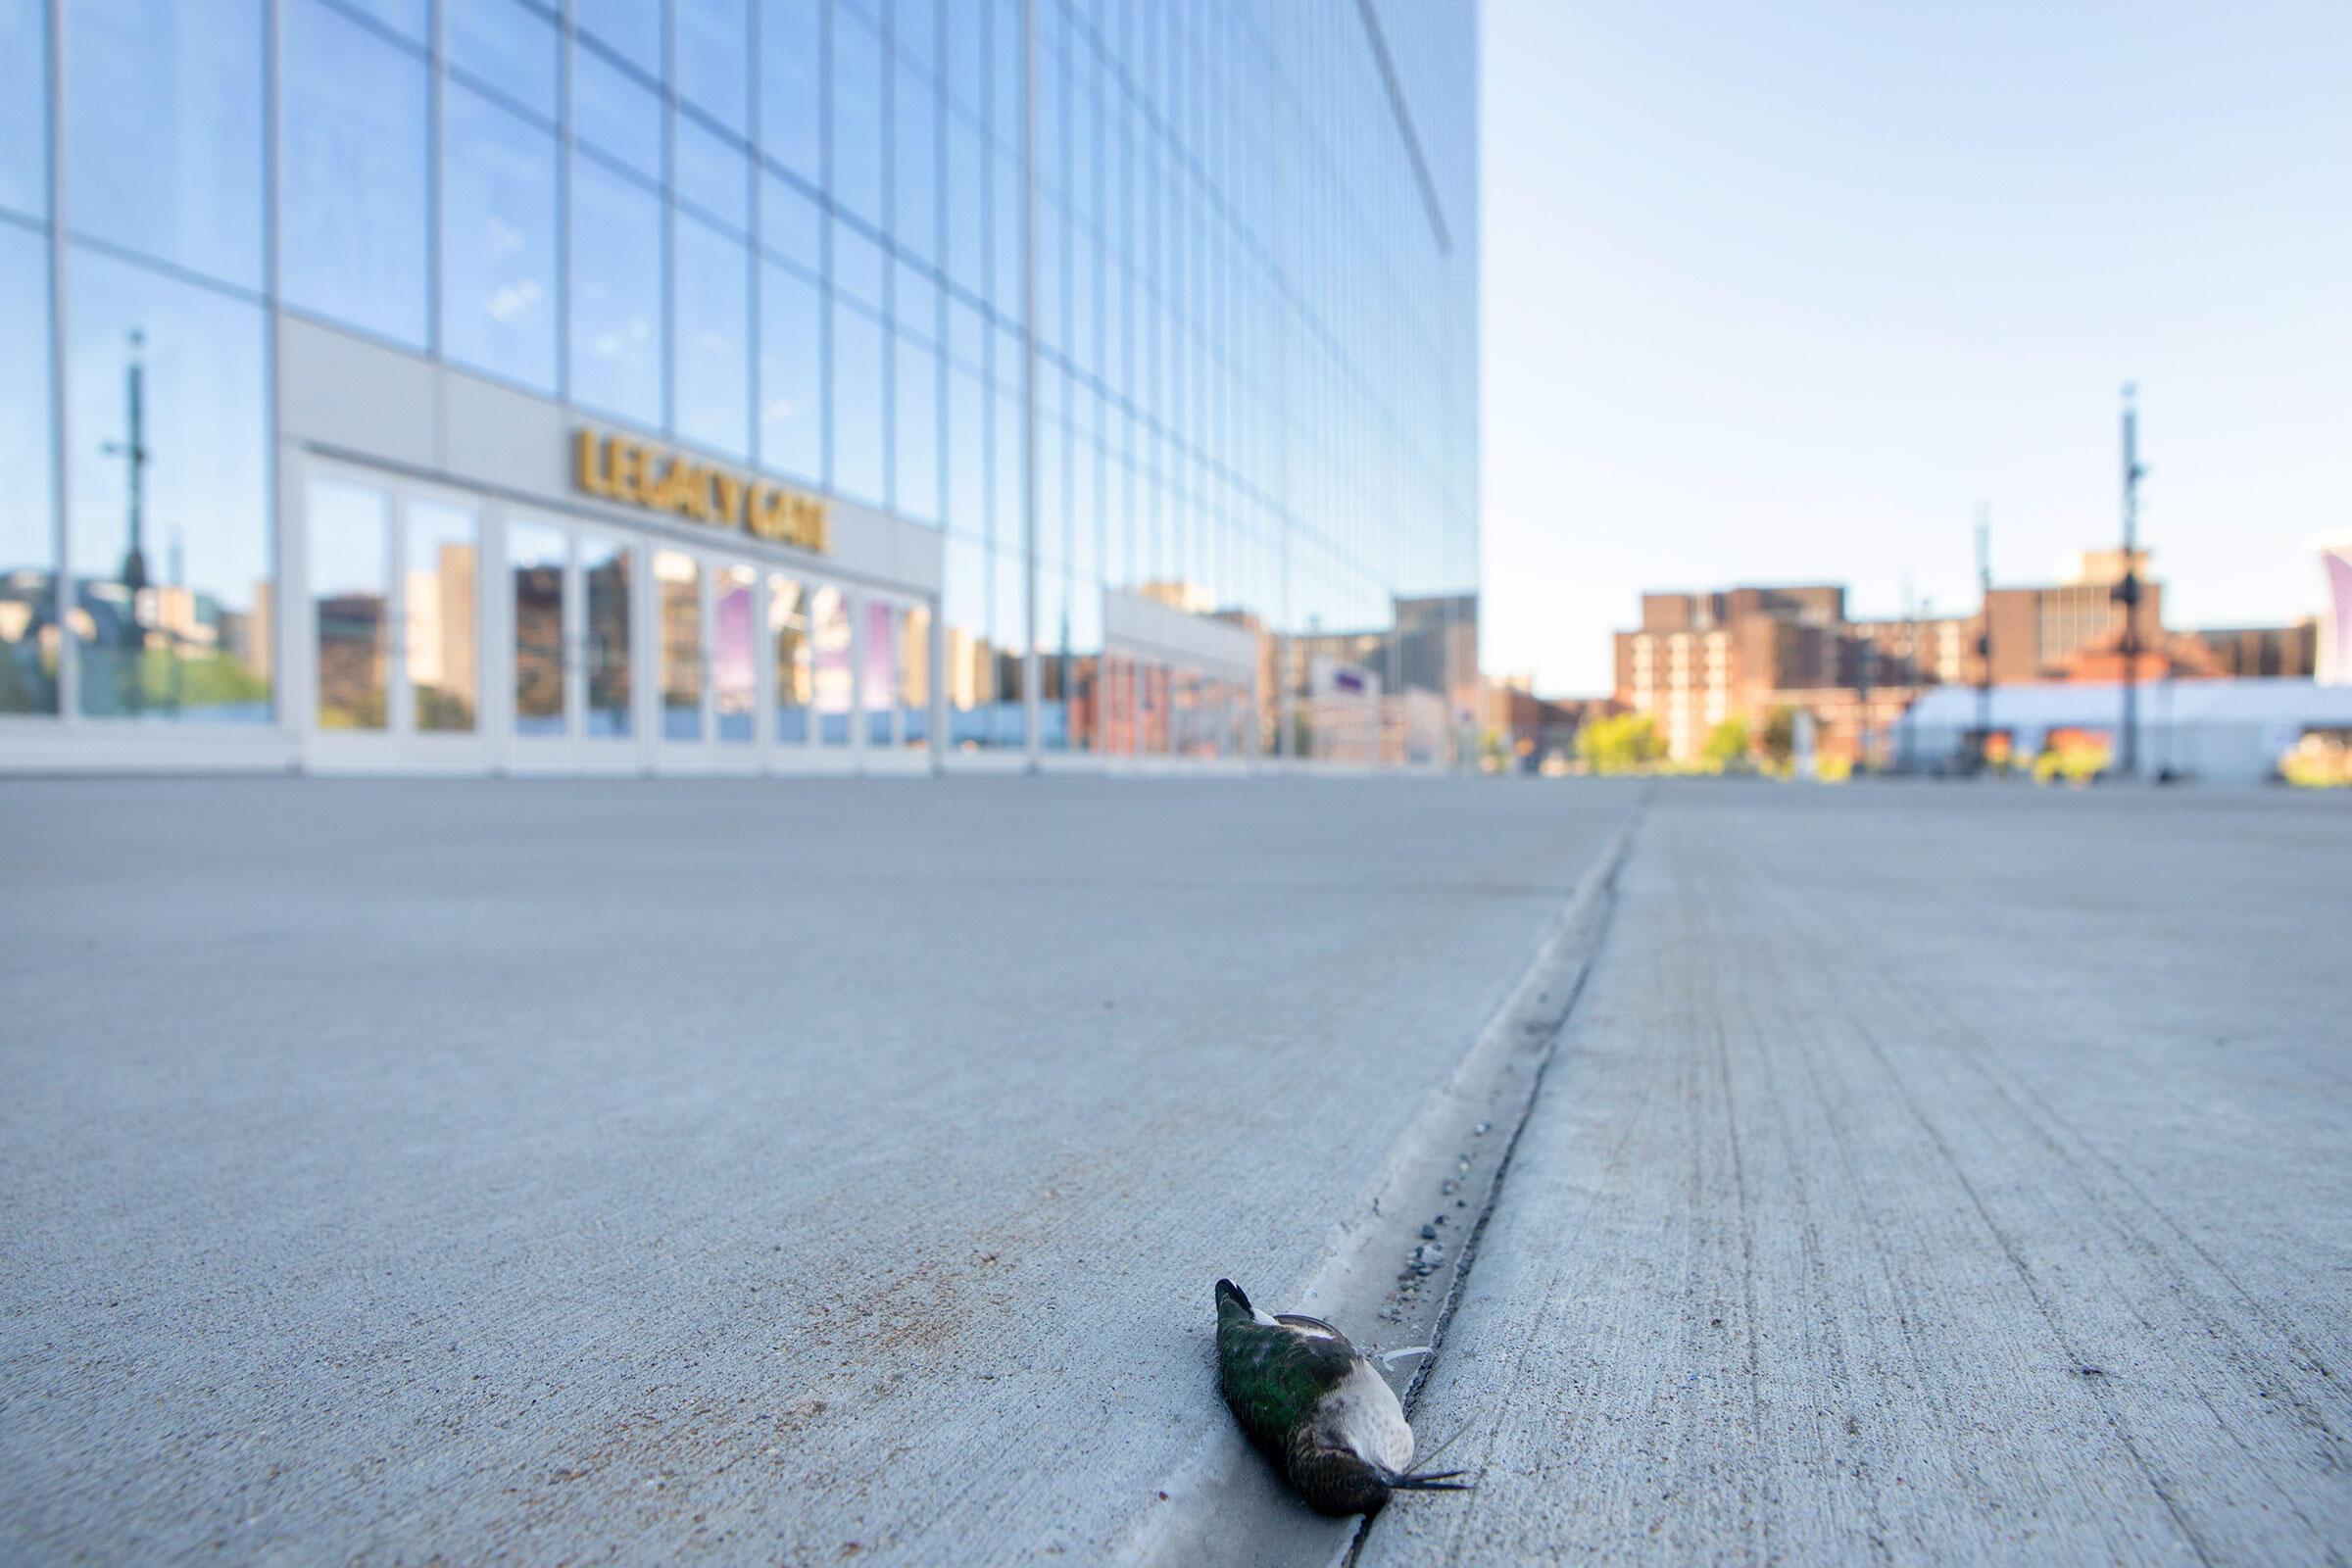 A Ruby-throated Hummingbird outside the main gate of U.S. Bank Stadium. Camilla Cerea/Audubon